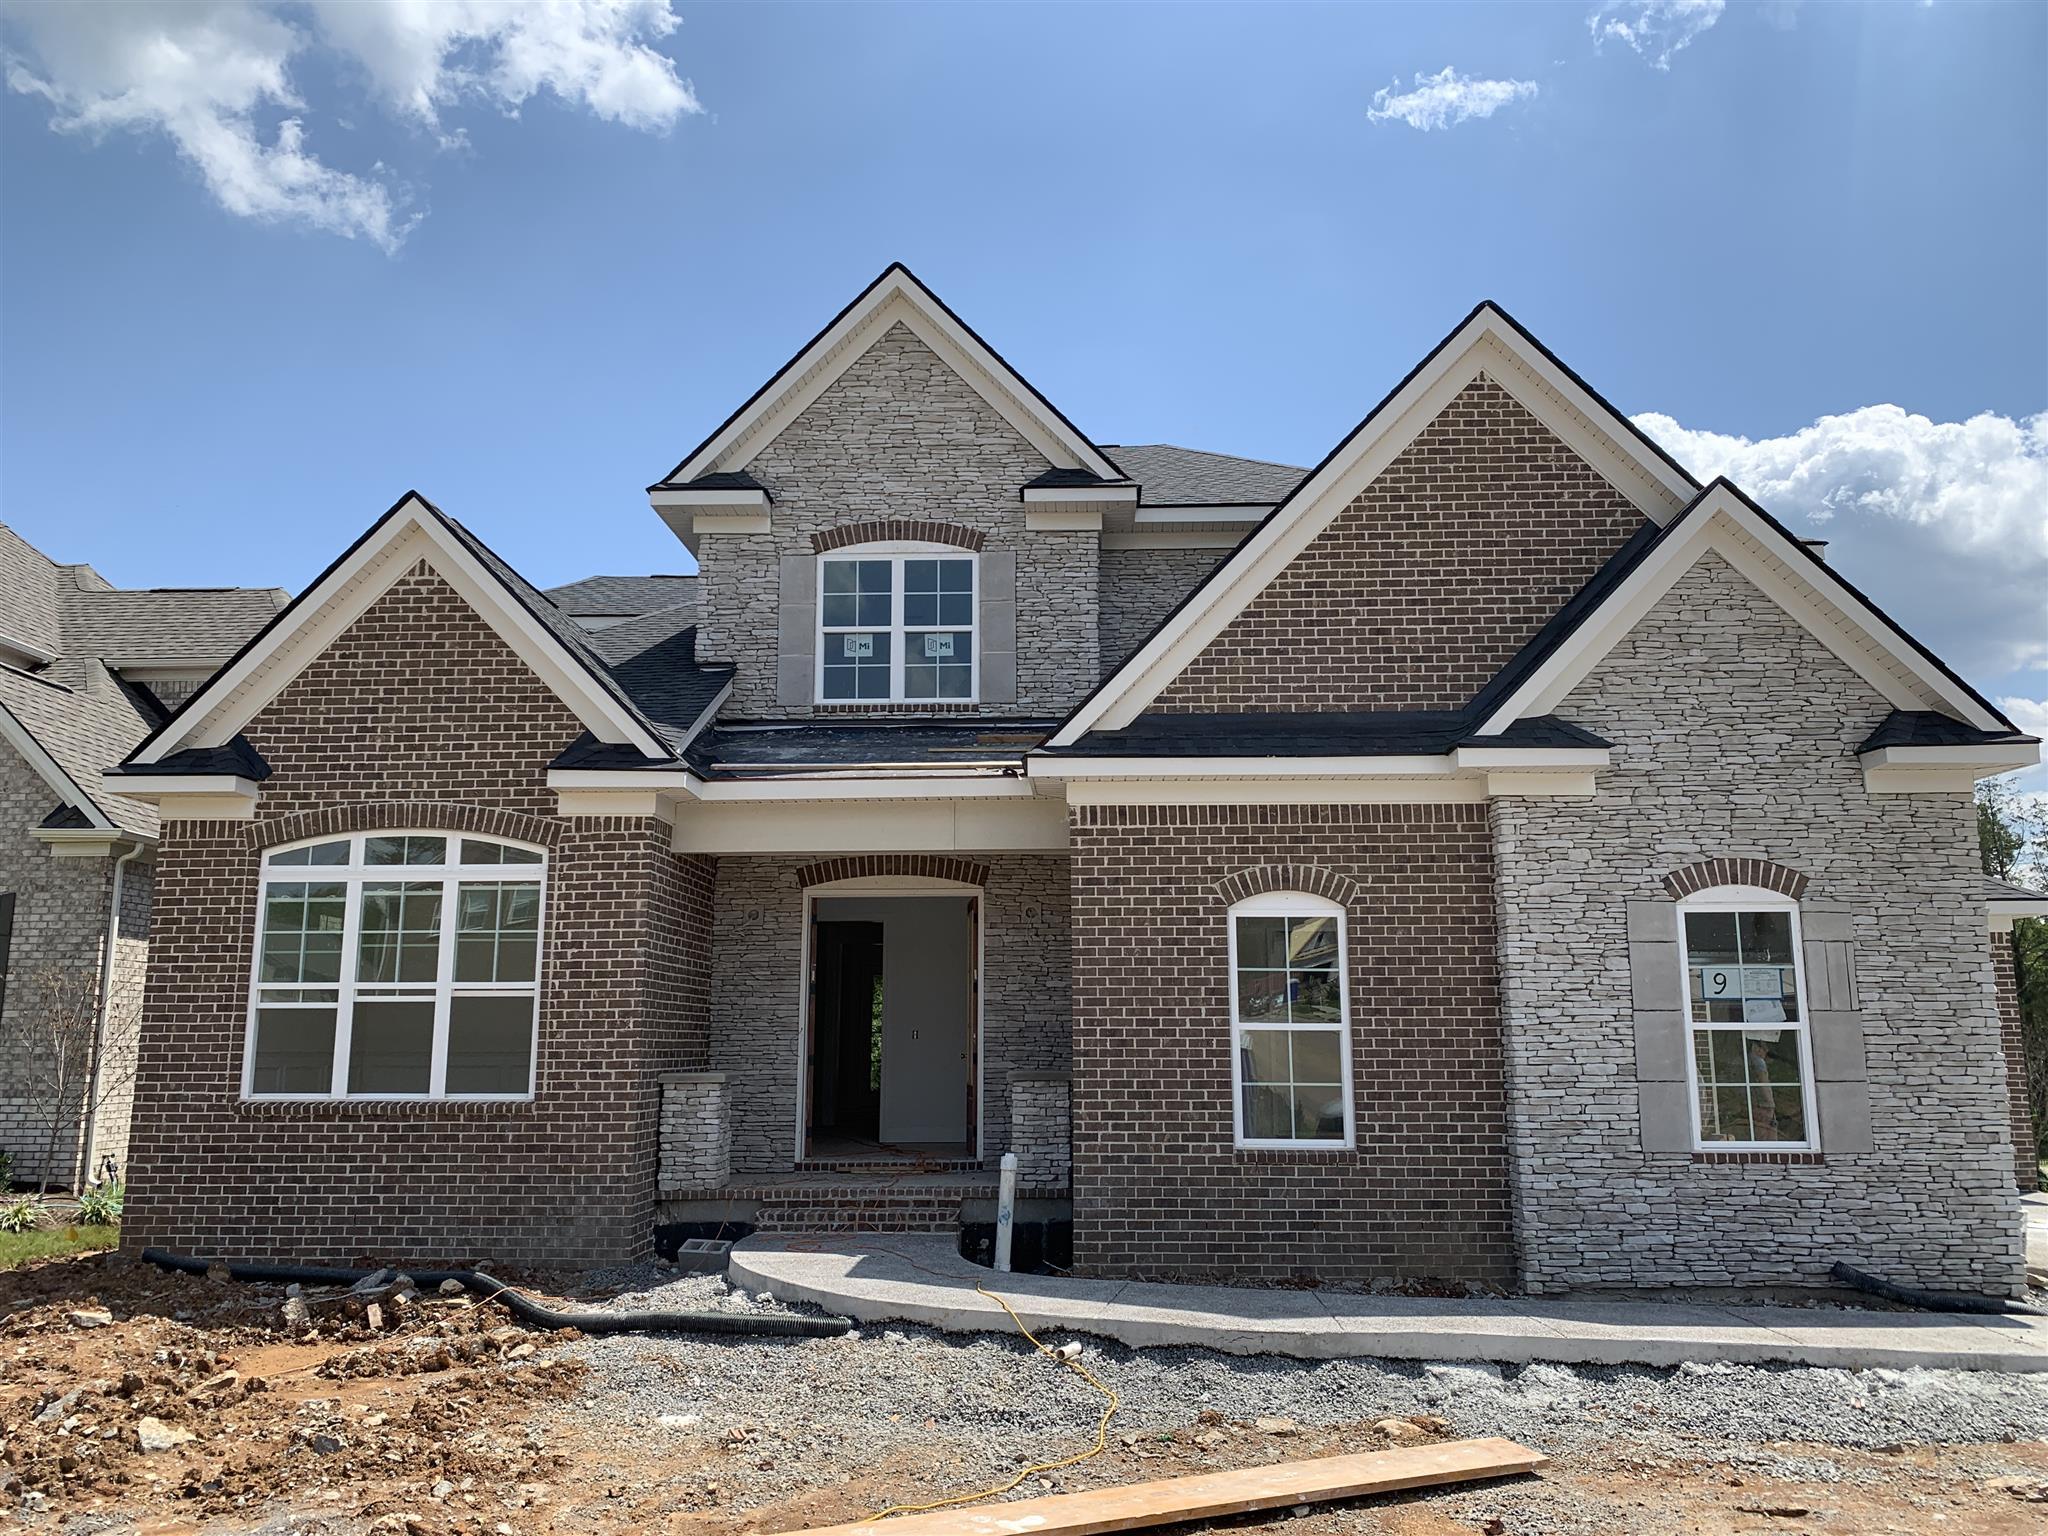 259 Burberry Glen Blvd., Nolensville, TN 37135 - Nolensville, TN real estate listing